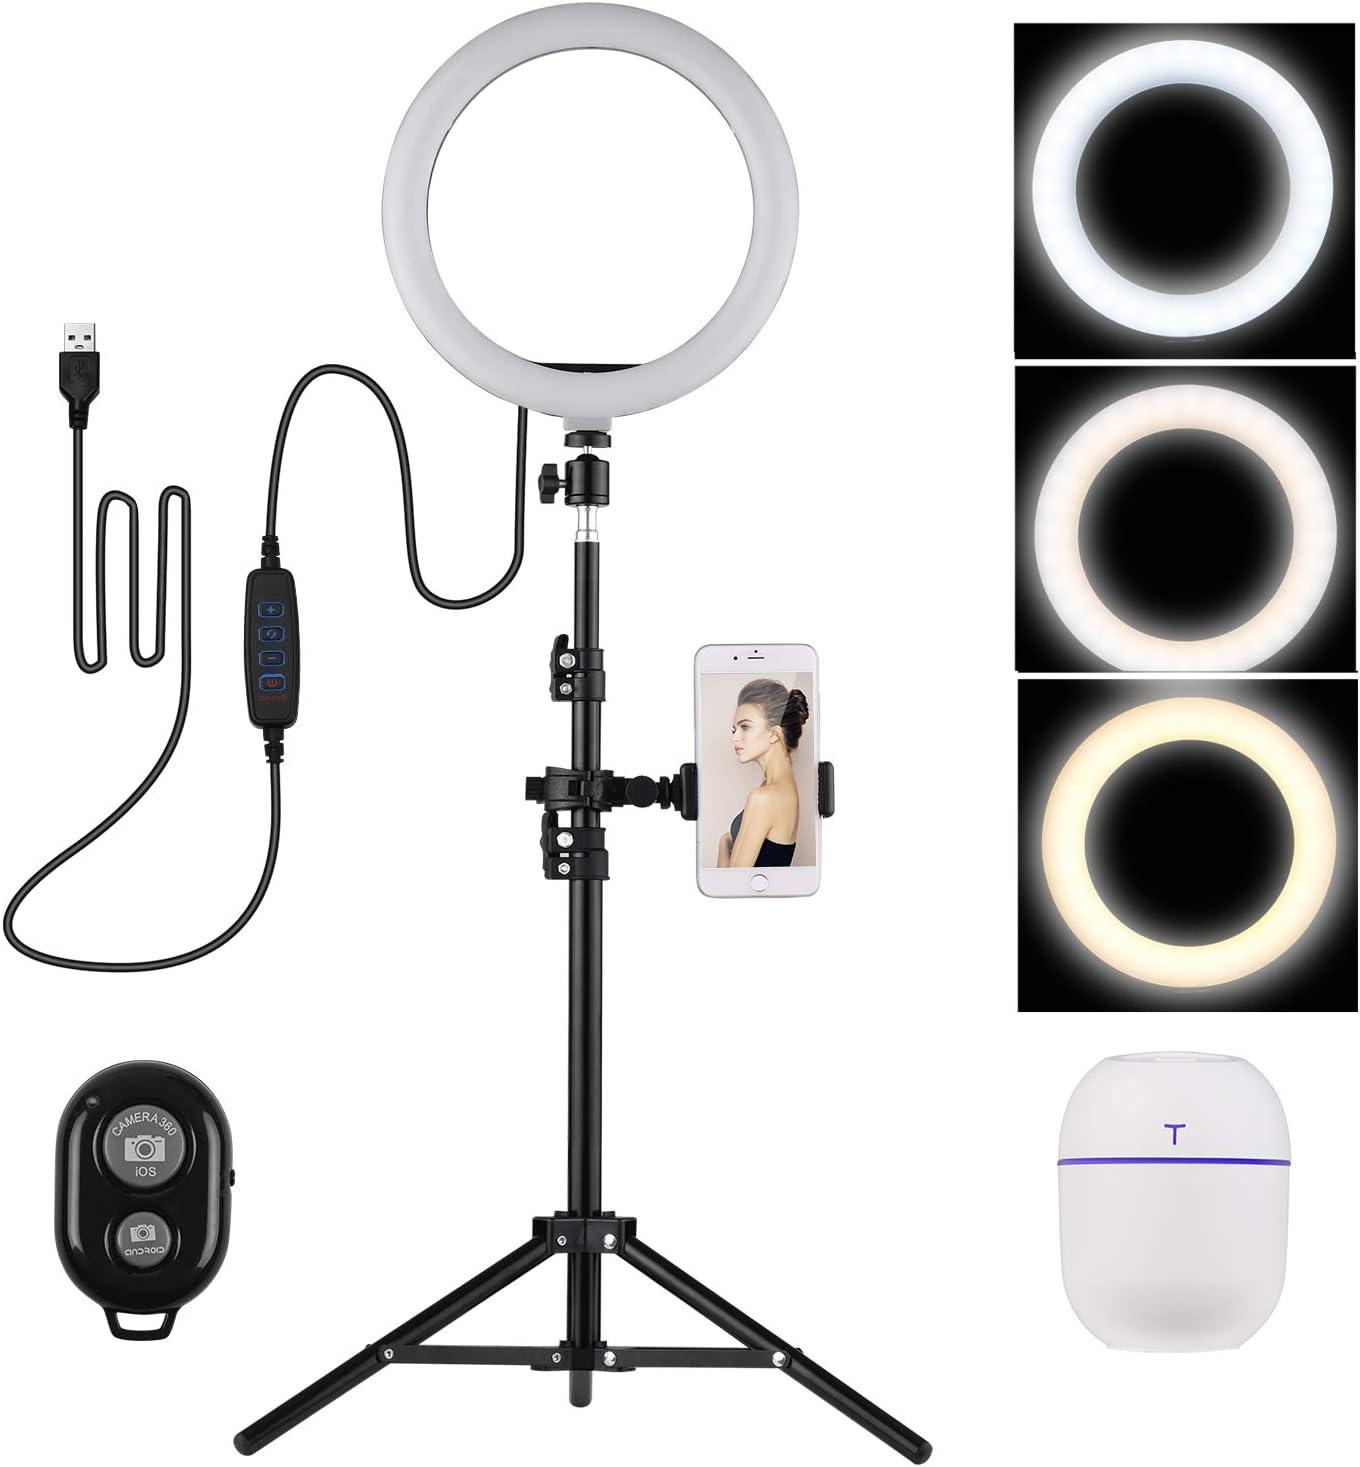 Andoer LED Ring Light 10 Pulgadas, 3200-5600K Selfie Video Ring Light con Soporte para Teléfono Ballhead Light Stand Mini Humidificador para Youtube Video en Vivo Grabación Emisión Selfie Maquillaje